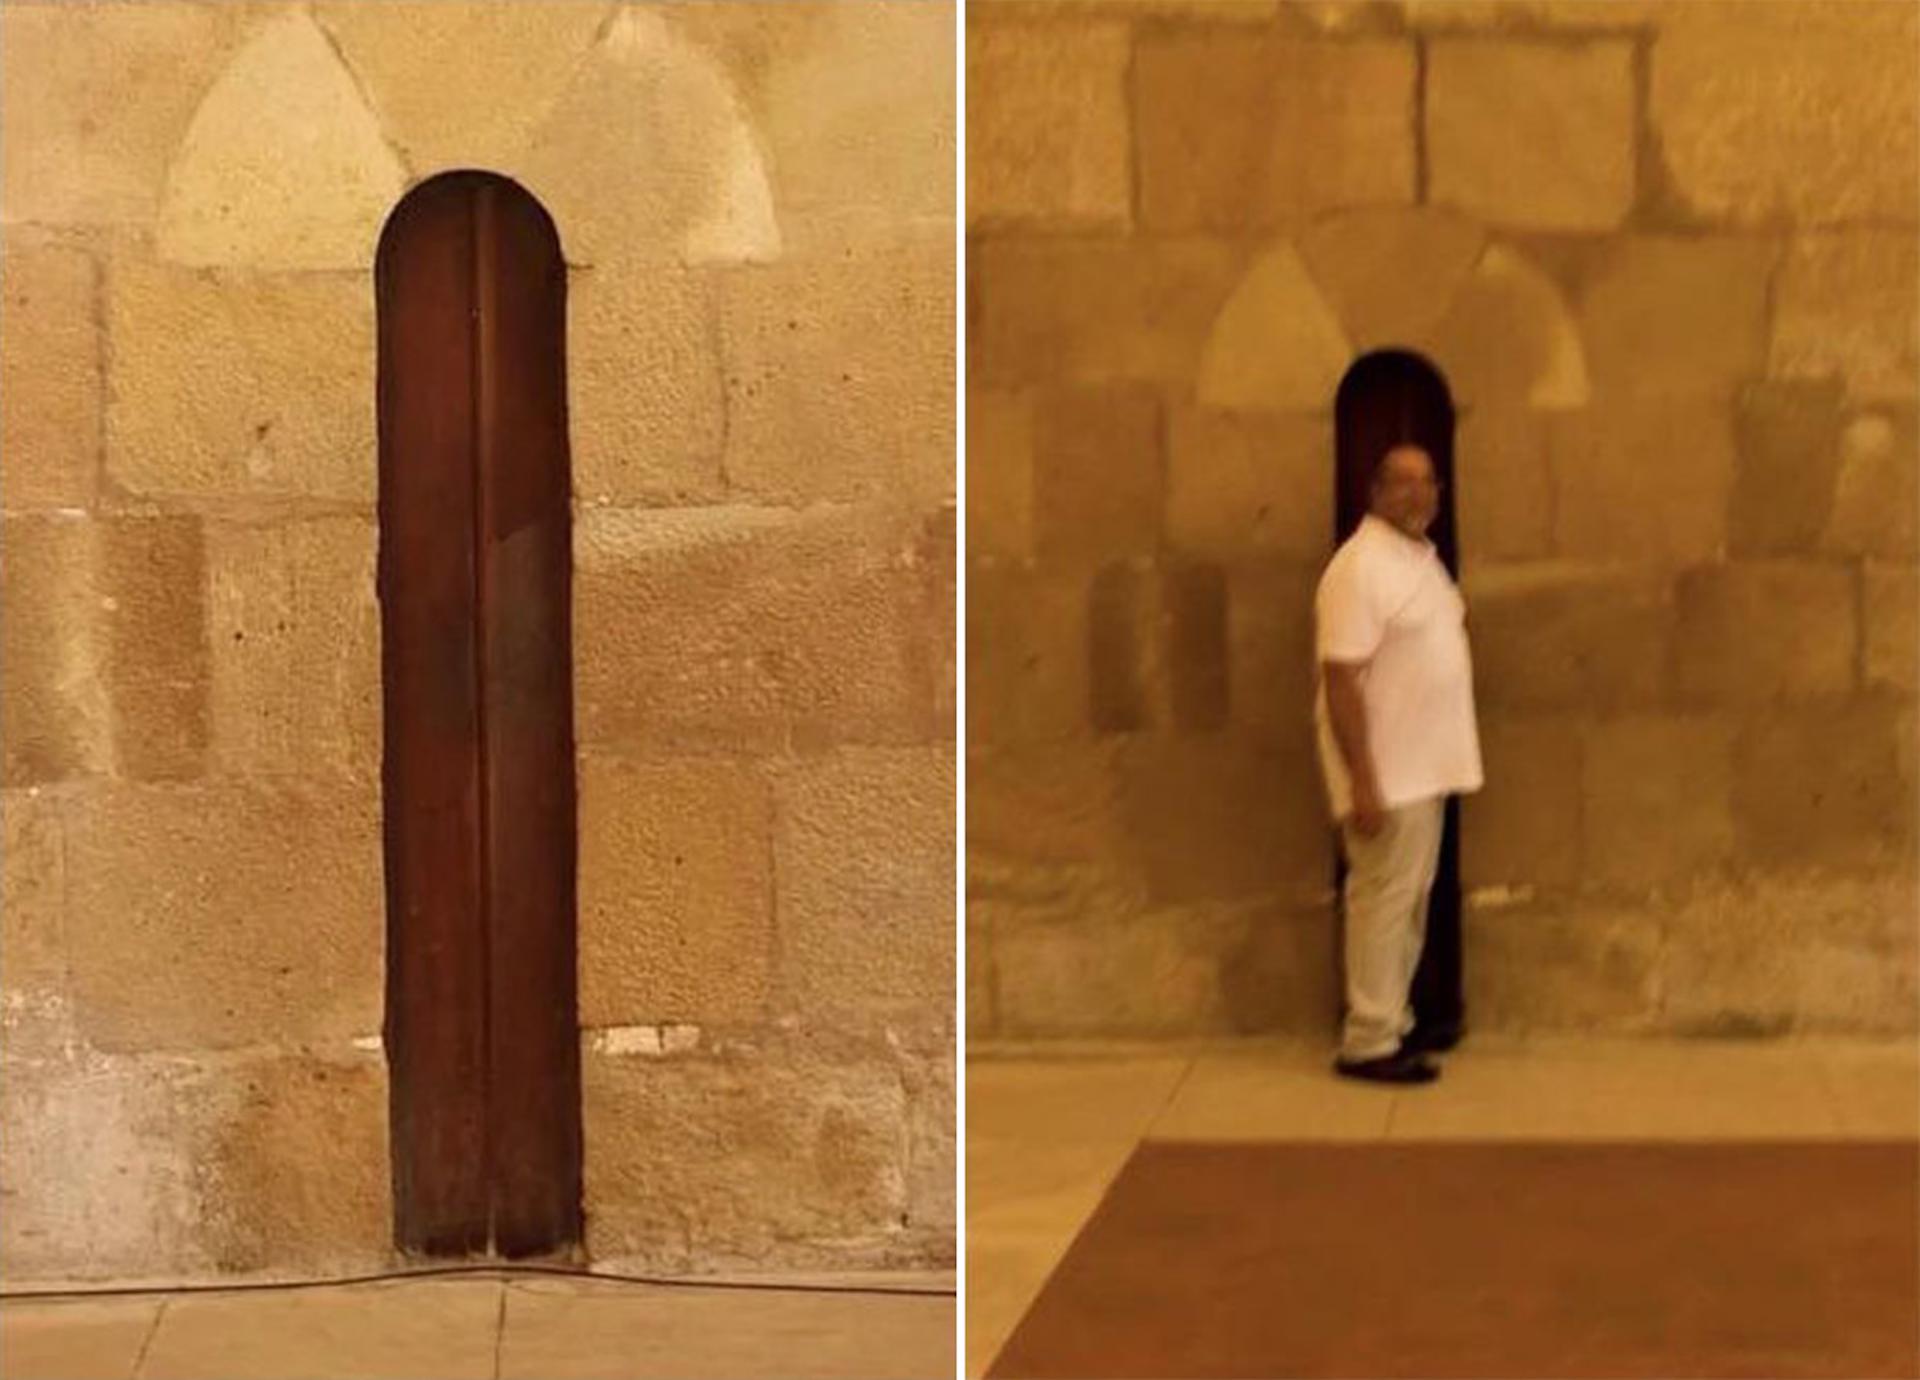 La porte originale du Monastère d'Alcobaça force les moines à garder la ligne